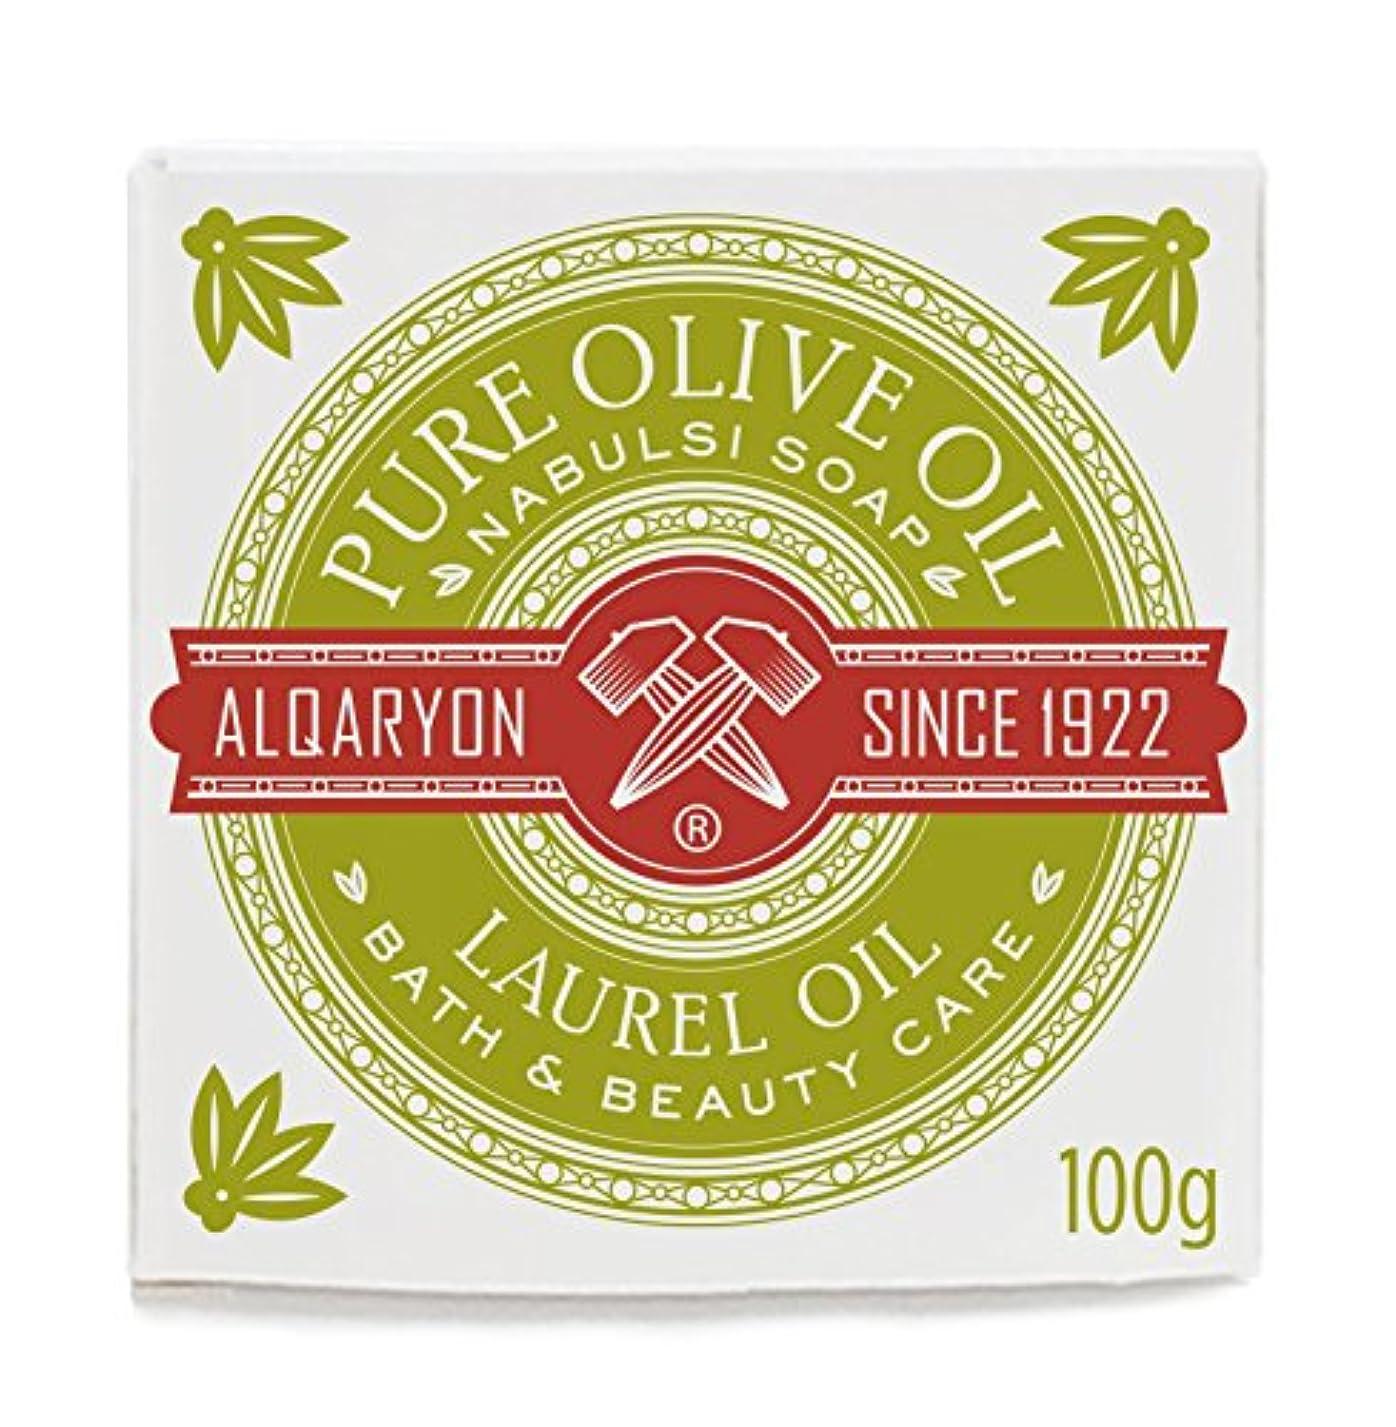 白い遷移セールAlqaryon Laurel Oil & Olive Oil Bar Soap Pack of 4 - AlqaryonのローレルオイルI&オリーブオイル ソープ、バス & ビューティー ケア、100gの石鹸4個のパック